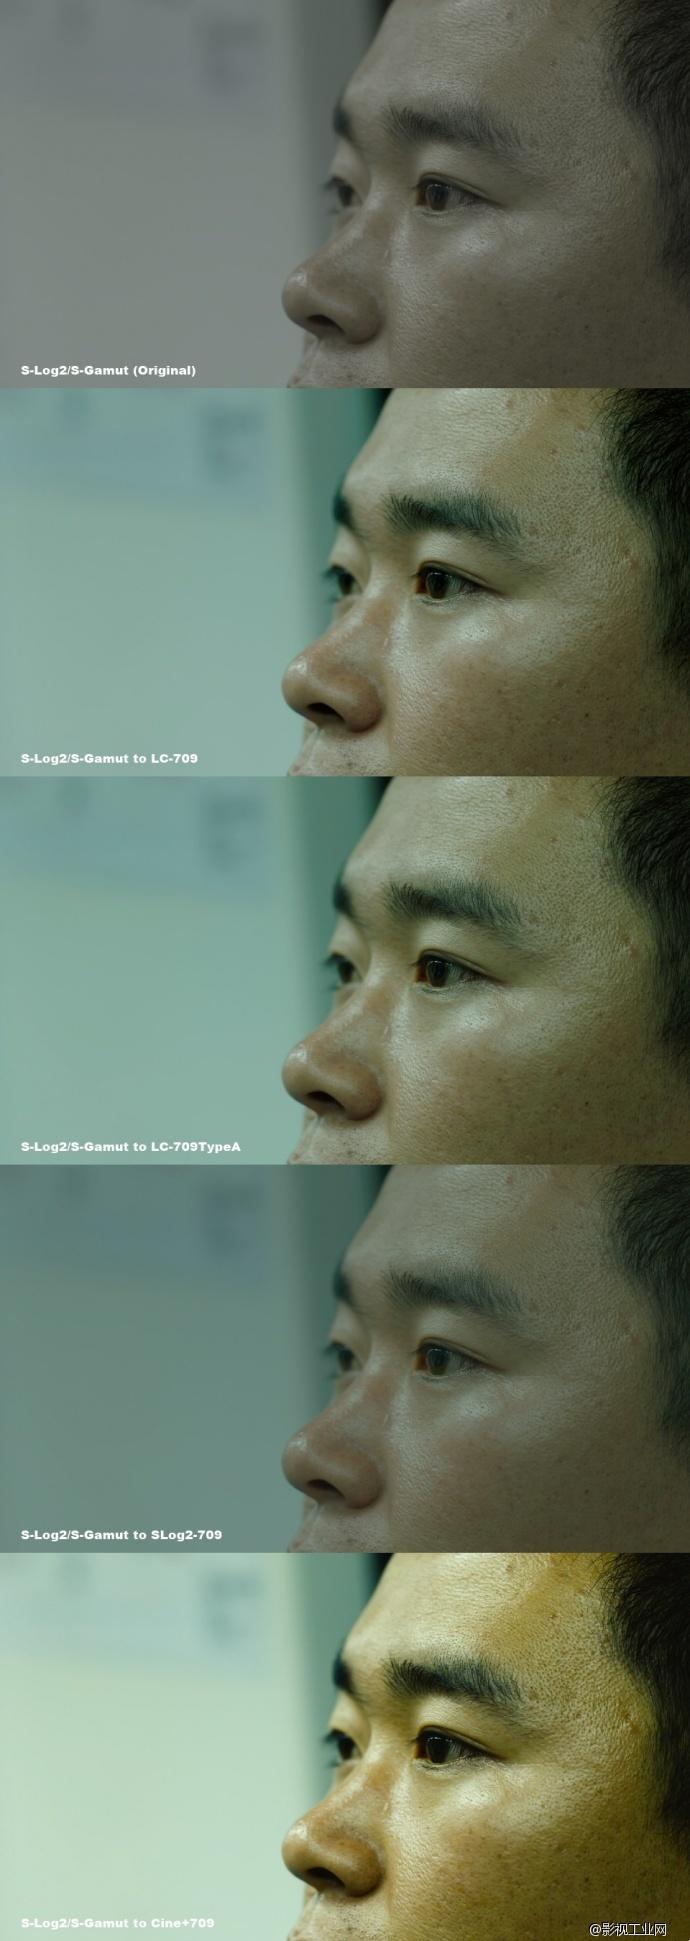 原始拍摄素材截图与应用索尼官方LUT后画面对比